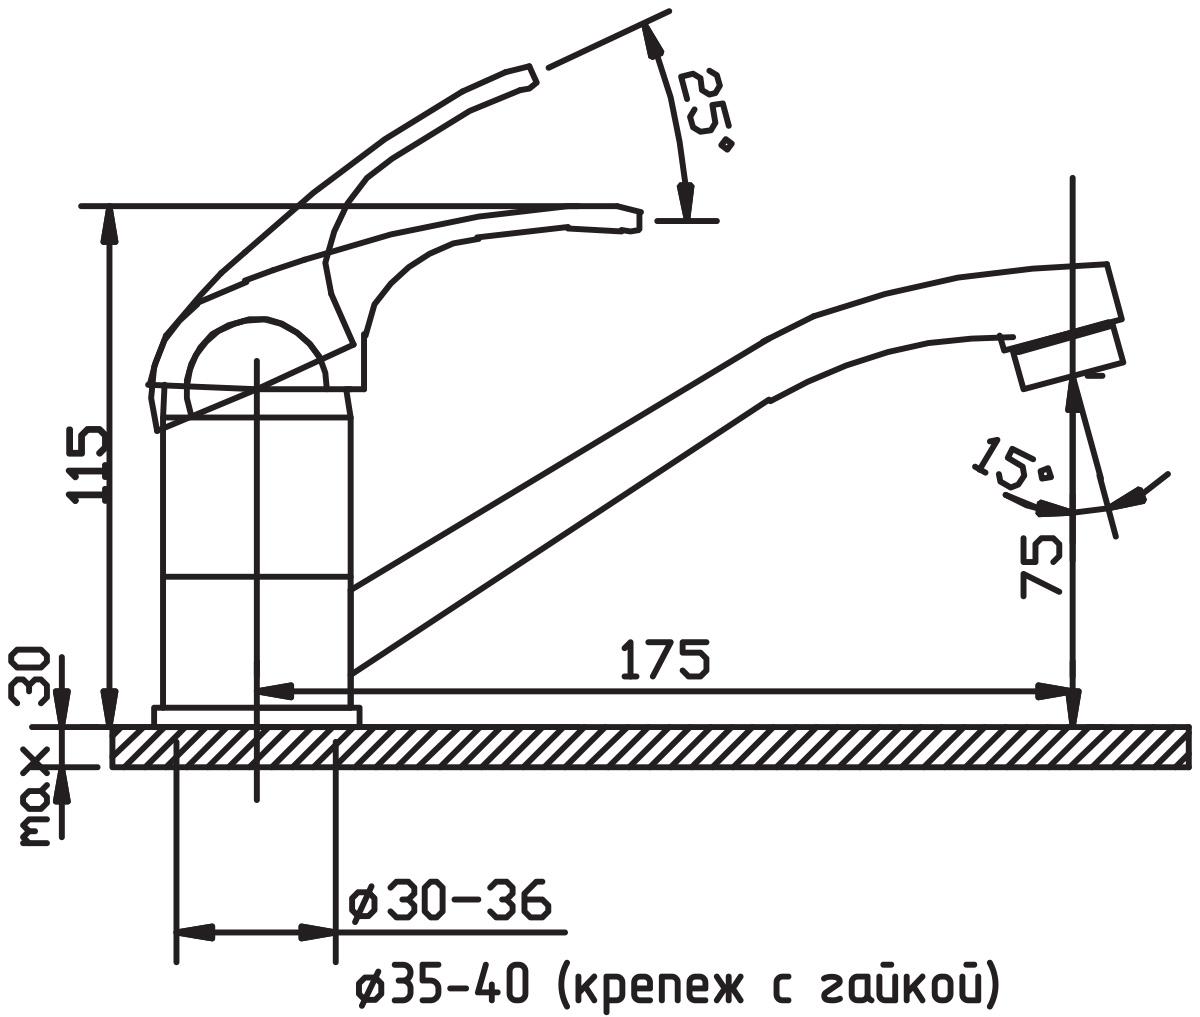 """Смеситель для кухни Argo """"Open"""" предназначен для смешивания холодной и горячей воды, устанавливается на мойку. Выполнен из высококачественной латуни с покрытием из хрома. Корпус изготовлен путем токарно-фрезерной обработки цельнолитой заготовки. Применение данной технологии исключает вероятность существования микропор и межкамерных утечек. Запорный механизм: картридж d-35 мм """"Short-size"""". Аэратор: ячейковый М24х1 """"OnlyPlast"""" 10-13 л/мин при 0,3 МПа. Крепеж: втулка, гайка """"Manual-nut""""."""